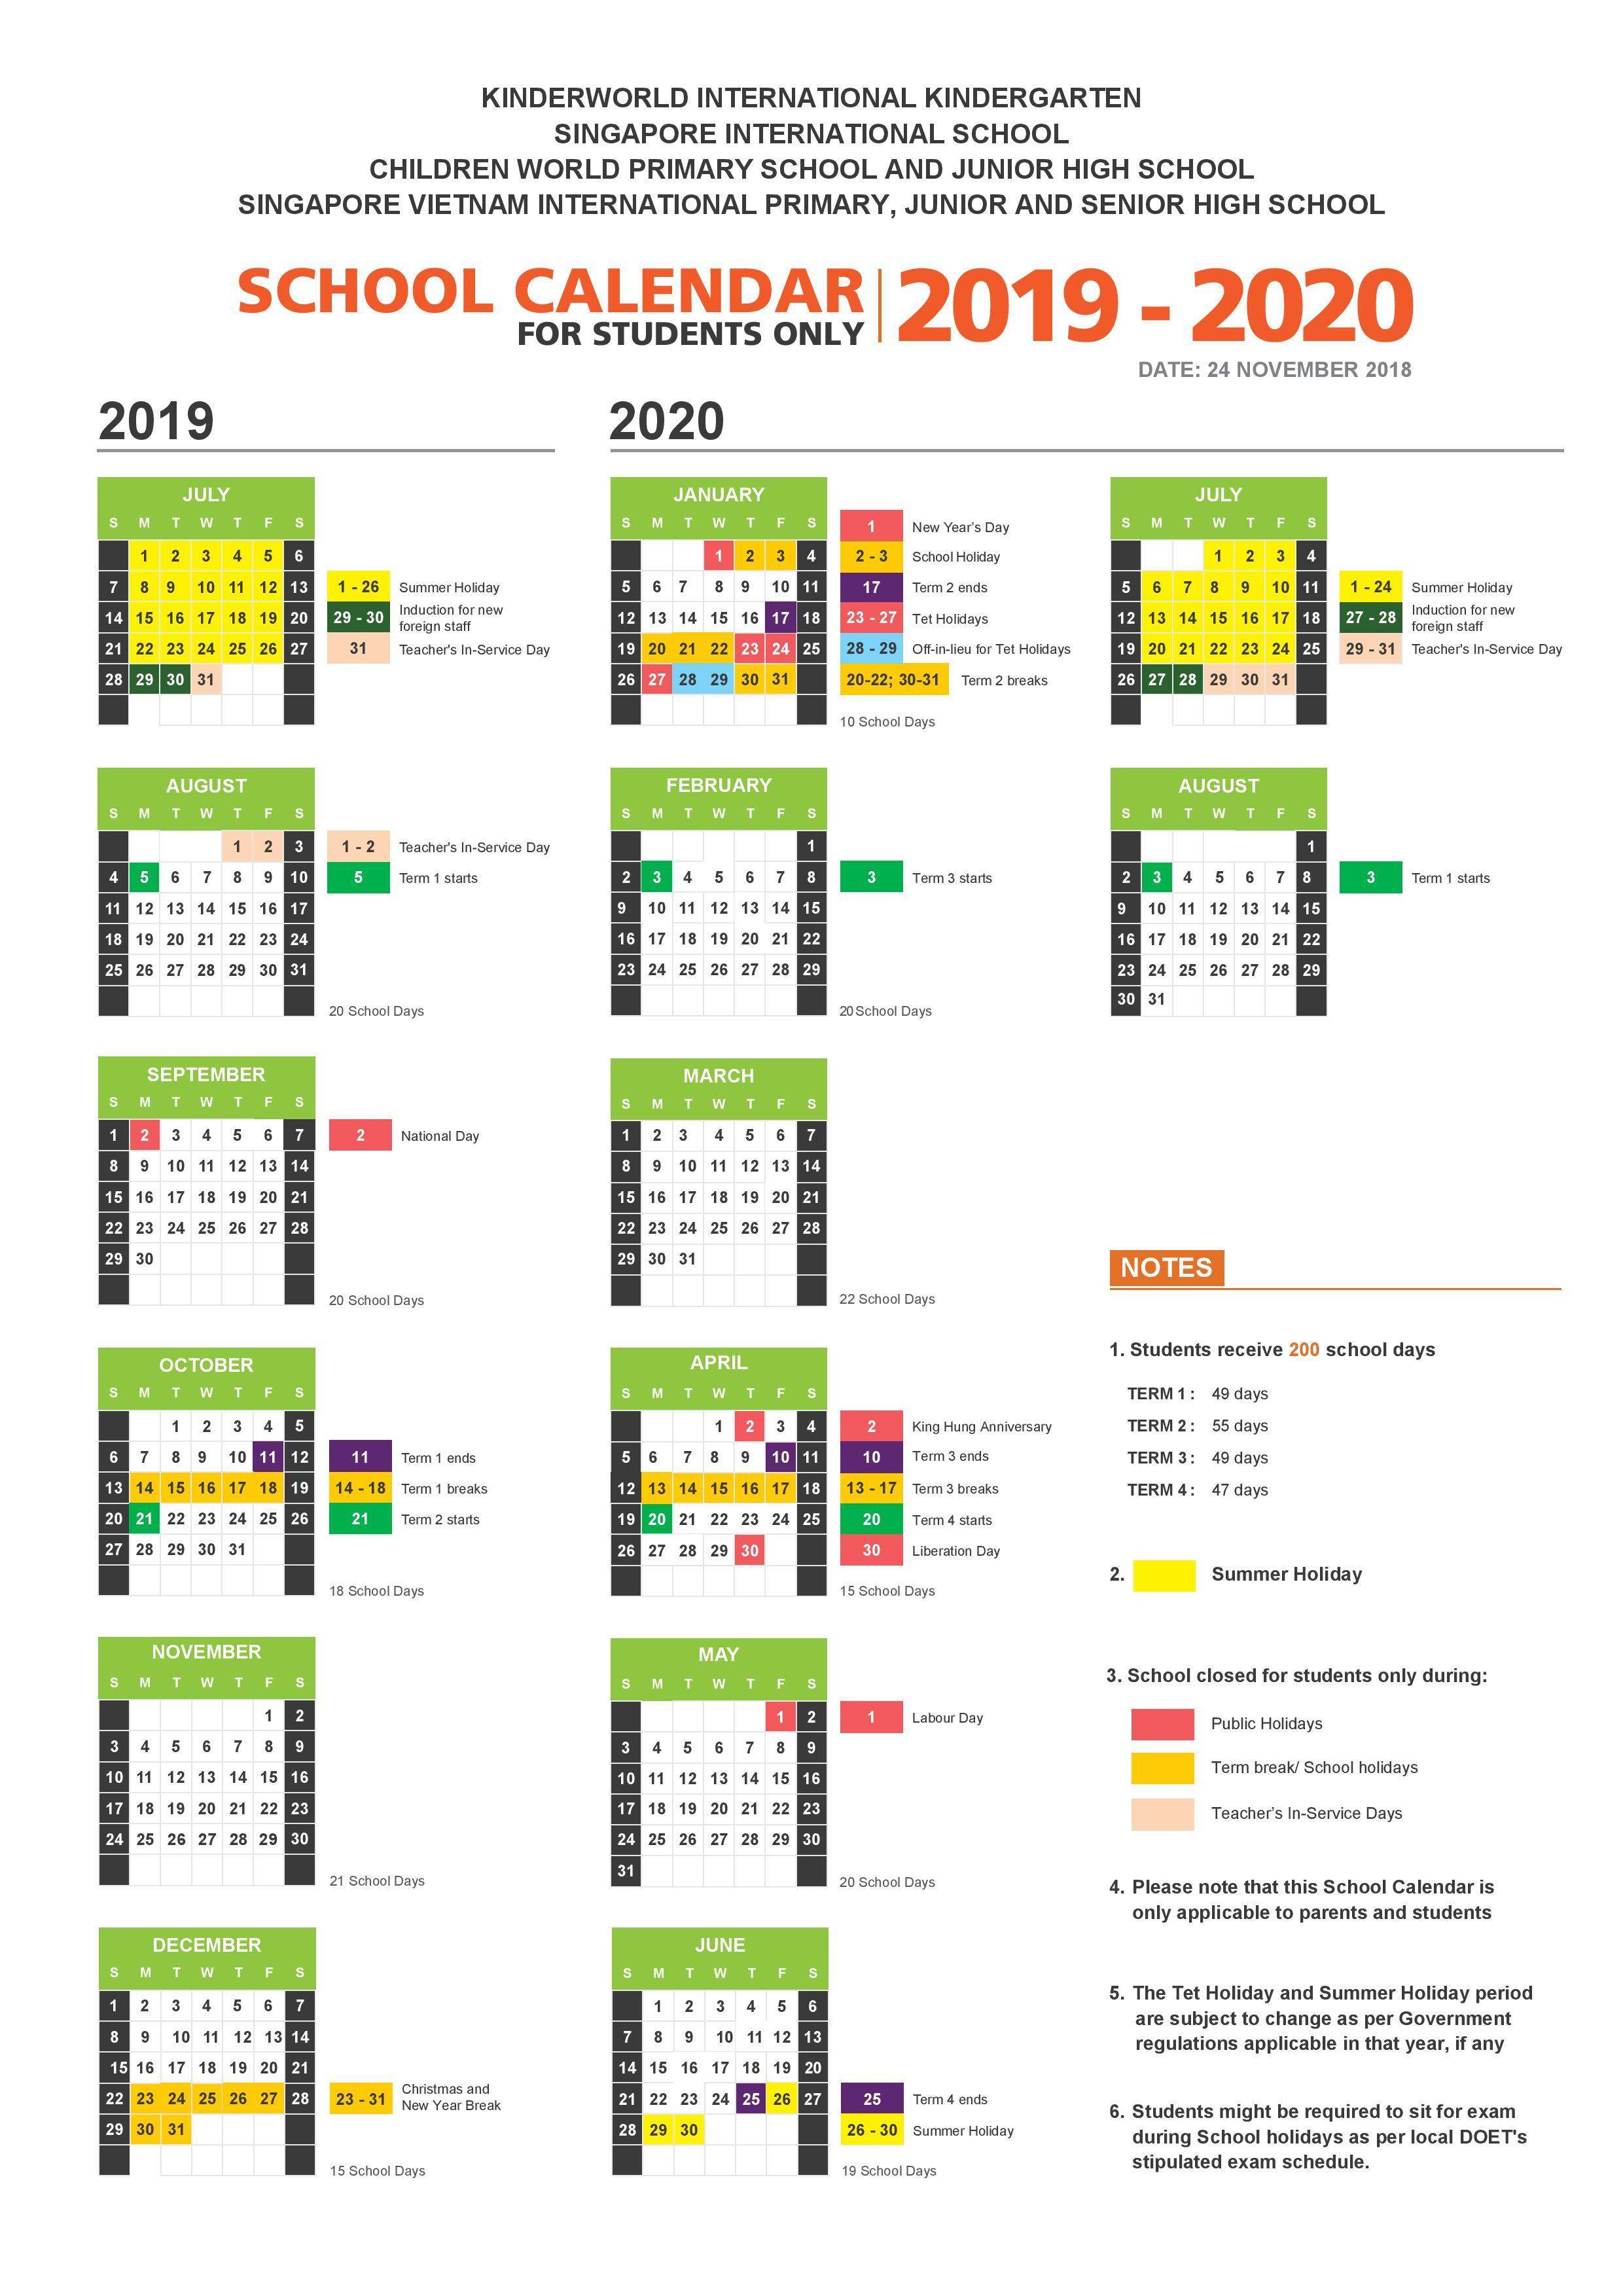 School Calendar 2019 - 2020_KIK_SIS-page-001